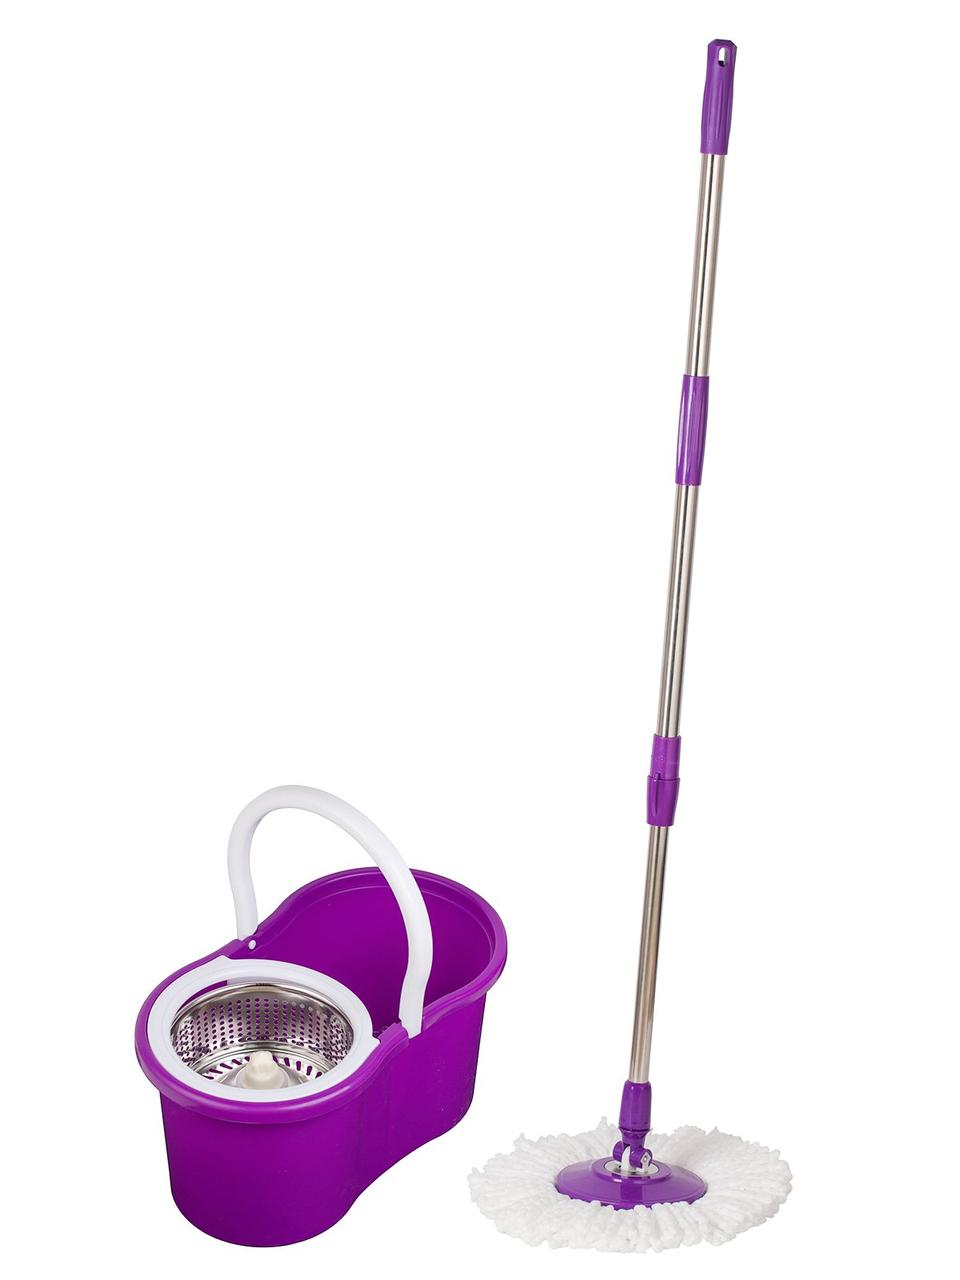 Набор для уборки с отжимом ведро и швабра 110 см Spin MOP 360 фиолетовый